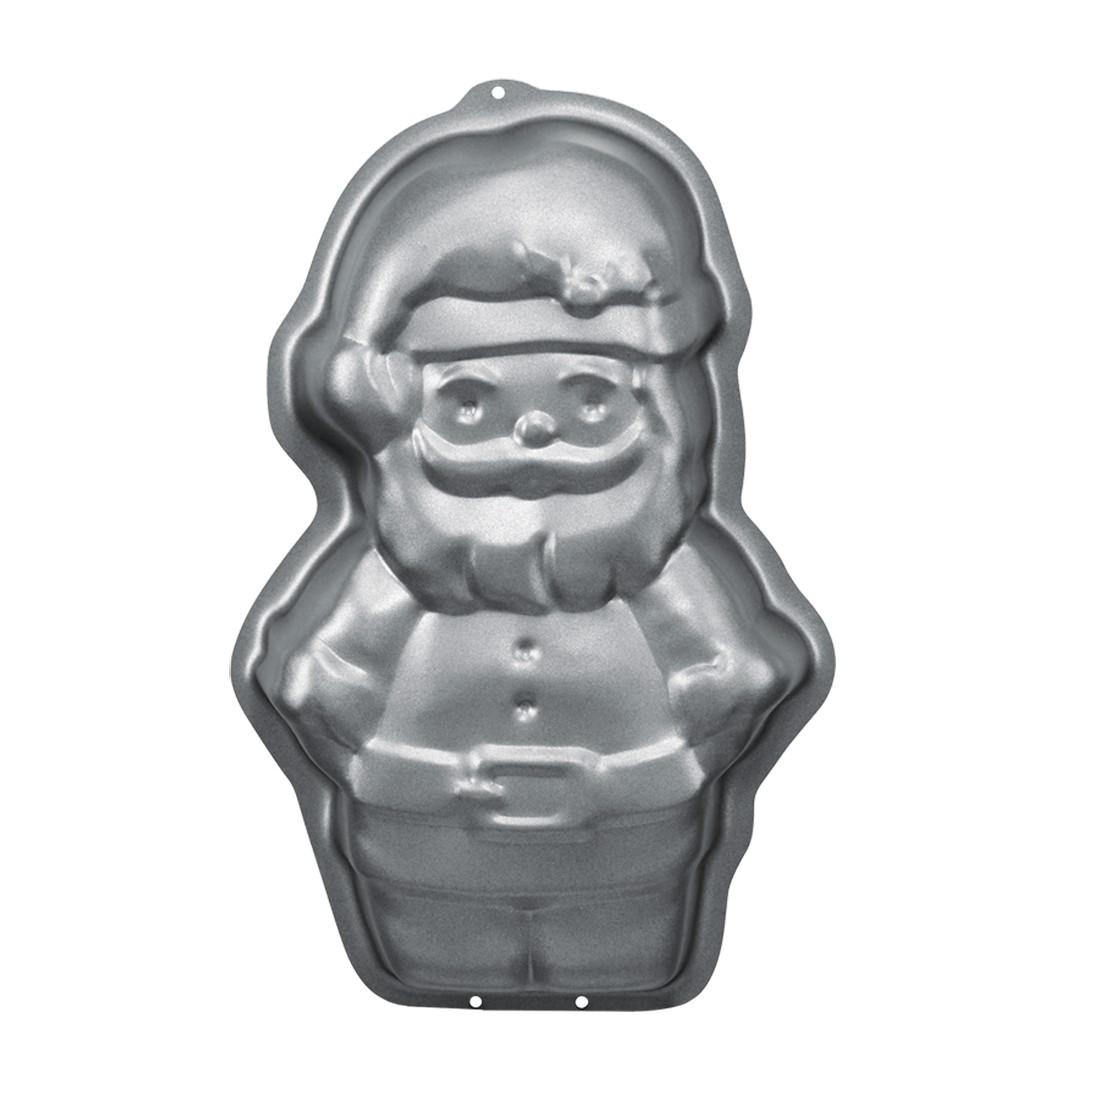 Motivbackform Weihnachtsmann antihaft – Stahl mit hochwertiger Antihaftbeschichtung Grau – 10 cm 2,5 cm, RBV Birkmann günstig kaufen